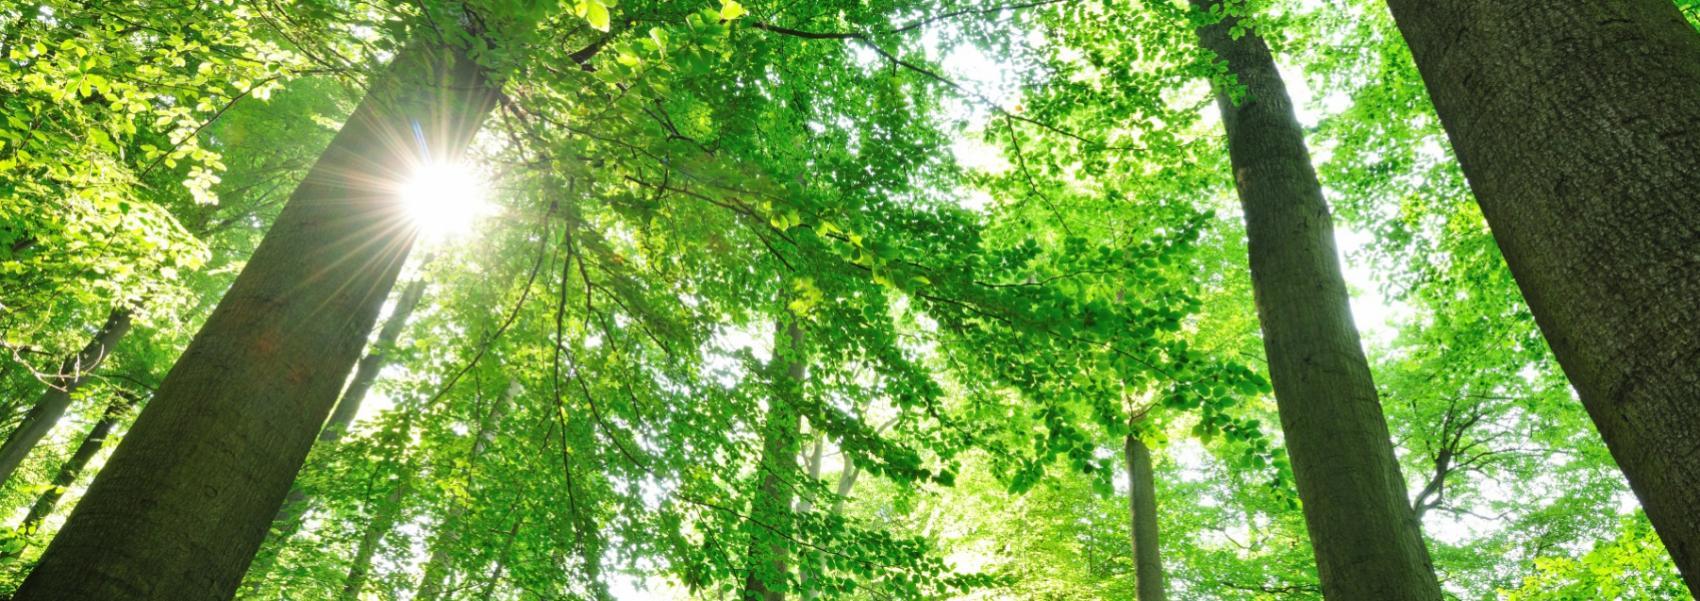 zicht op de bomen vanuit kikkerperspectief